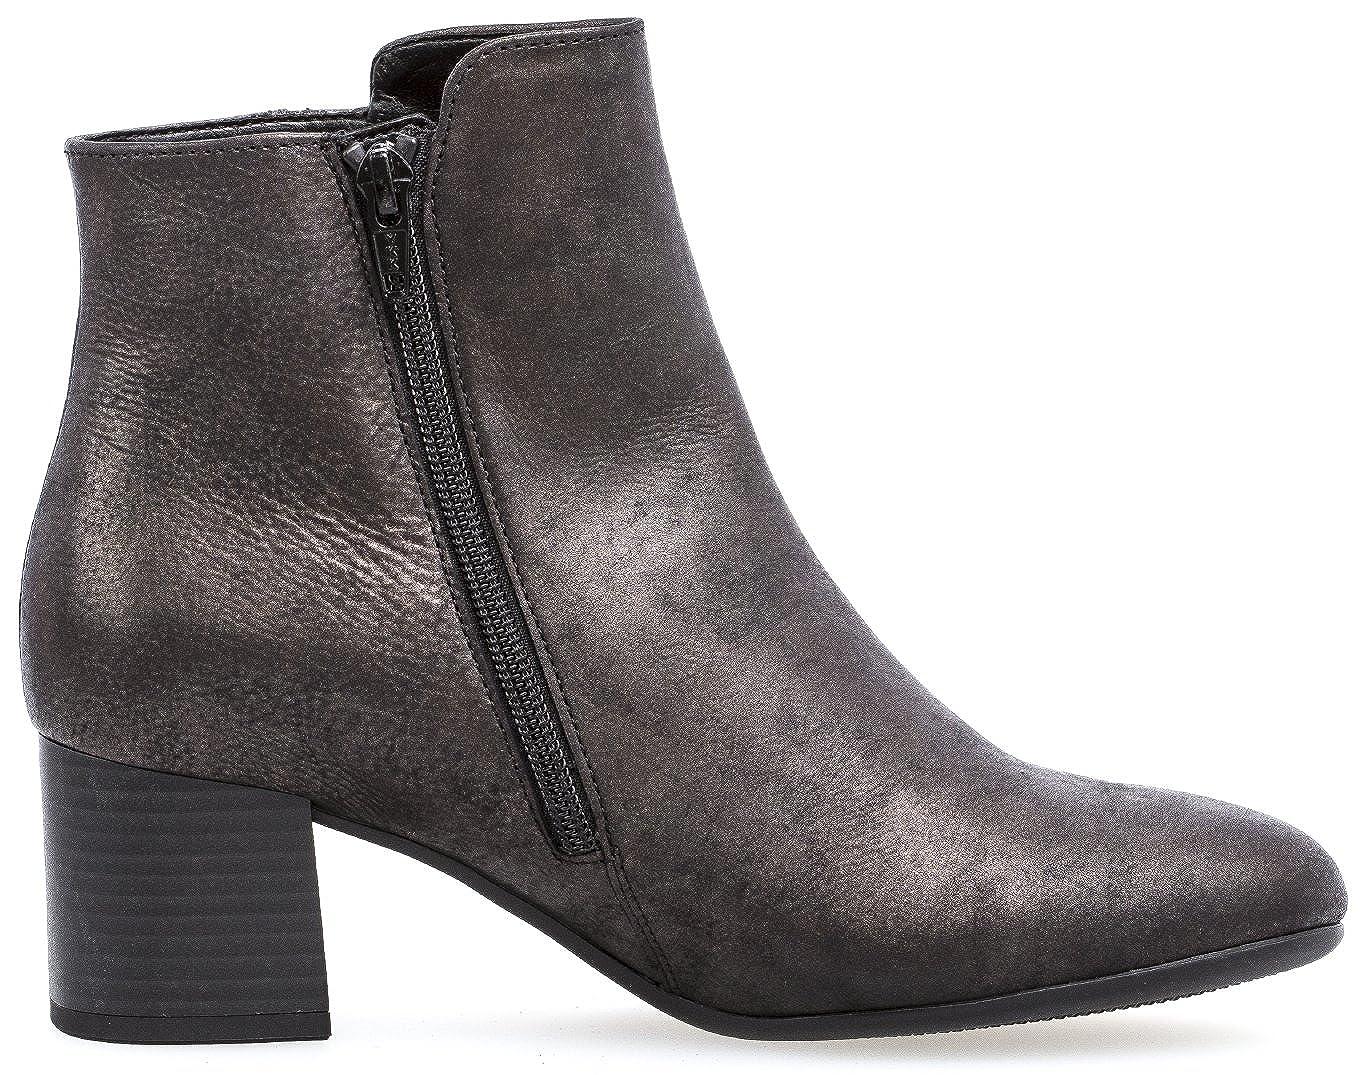 Gabor Damenschuhe 72.893.29 Damen Stiefeletten, Stiefel, Stiefel, in Comfort-Mehrweite, mit mit mit Reißverschluss, mit Optifit- Wechselfußbett 825136